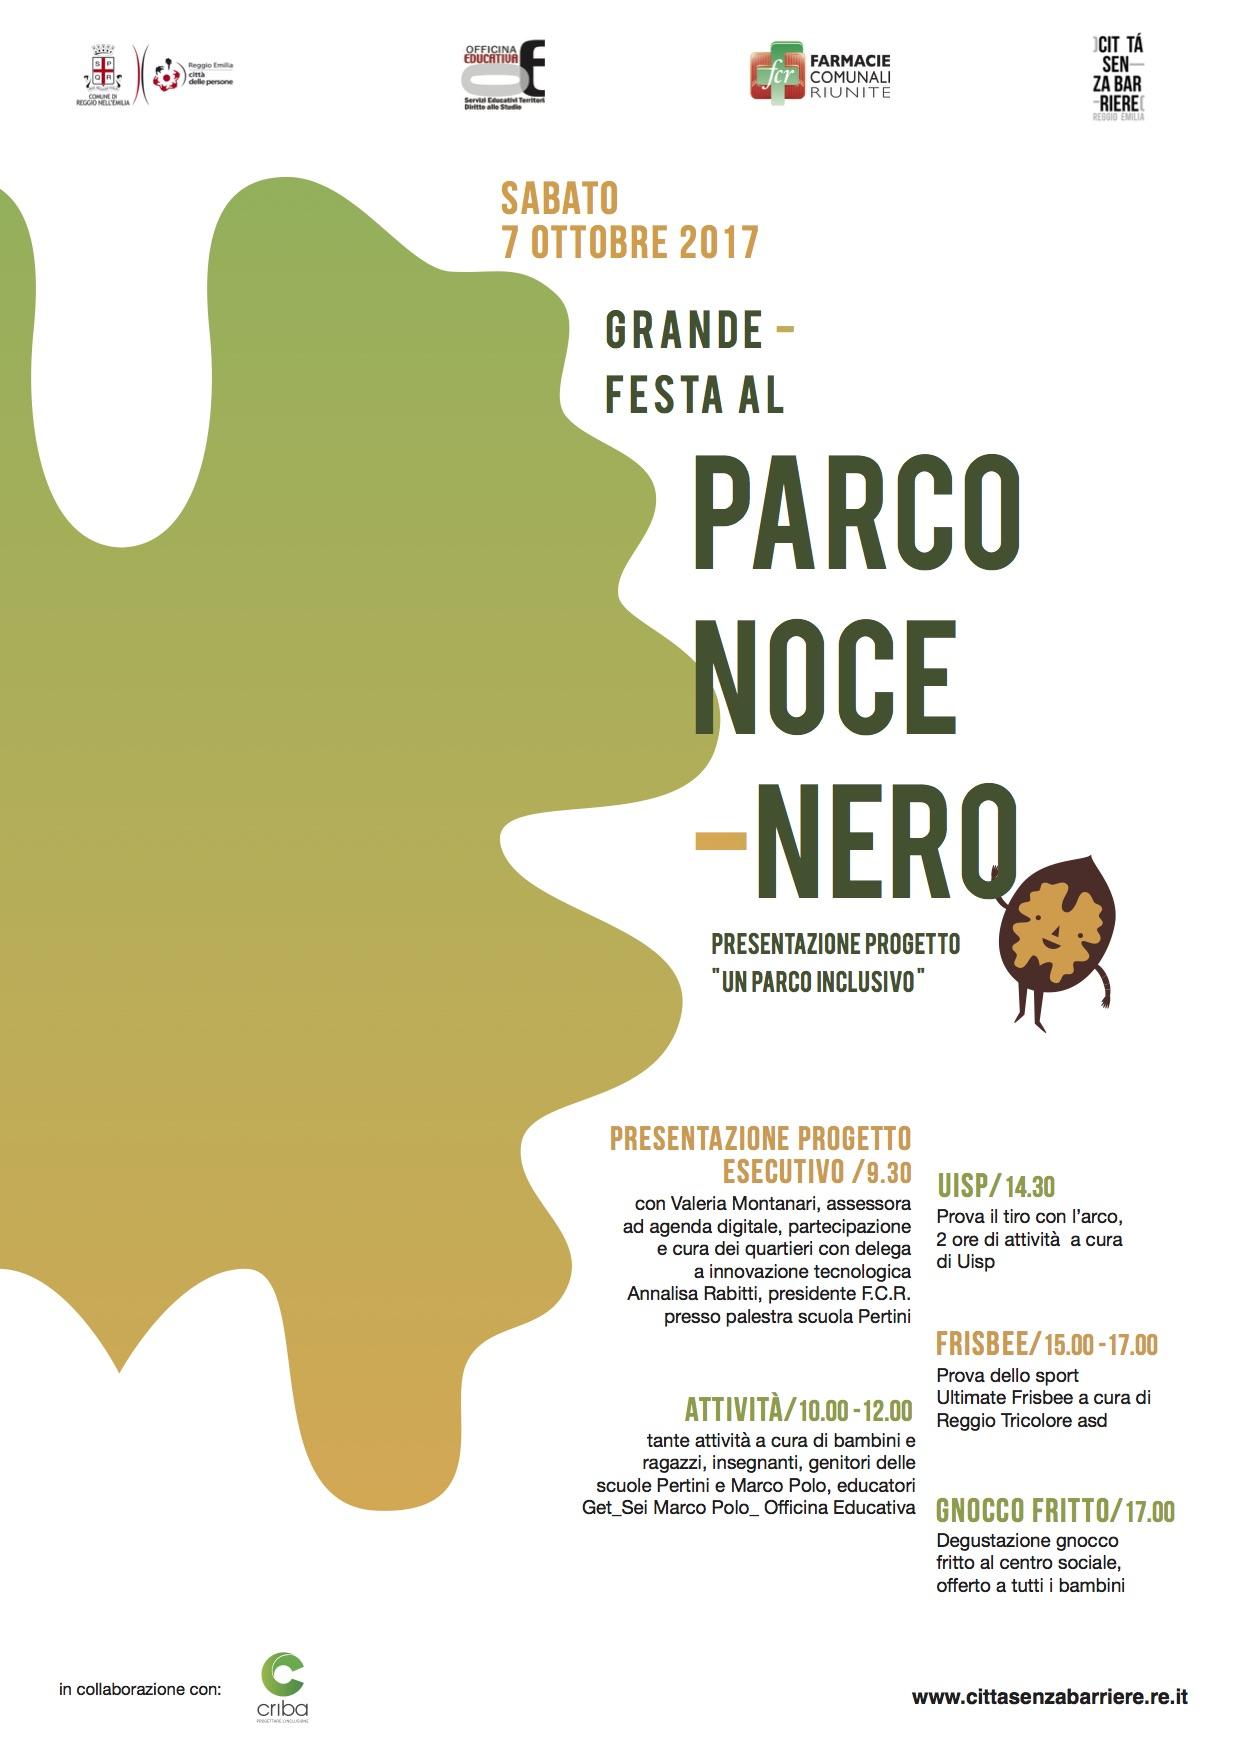 PARCO NOCE NERO A4